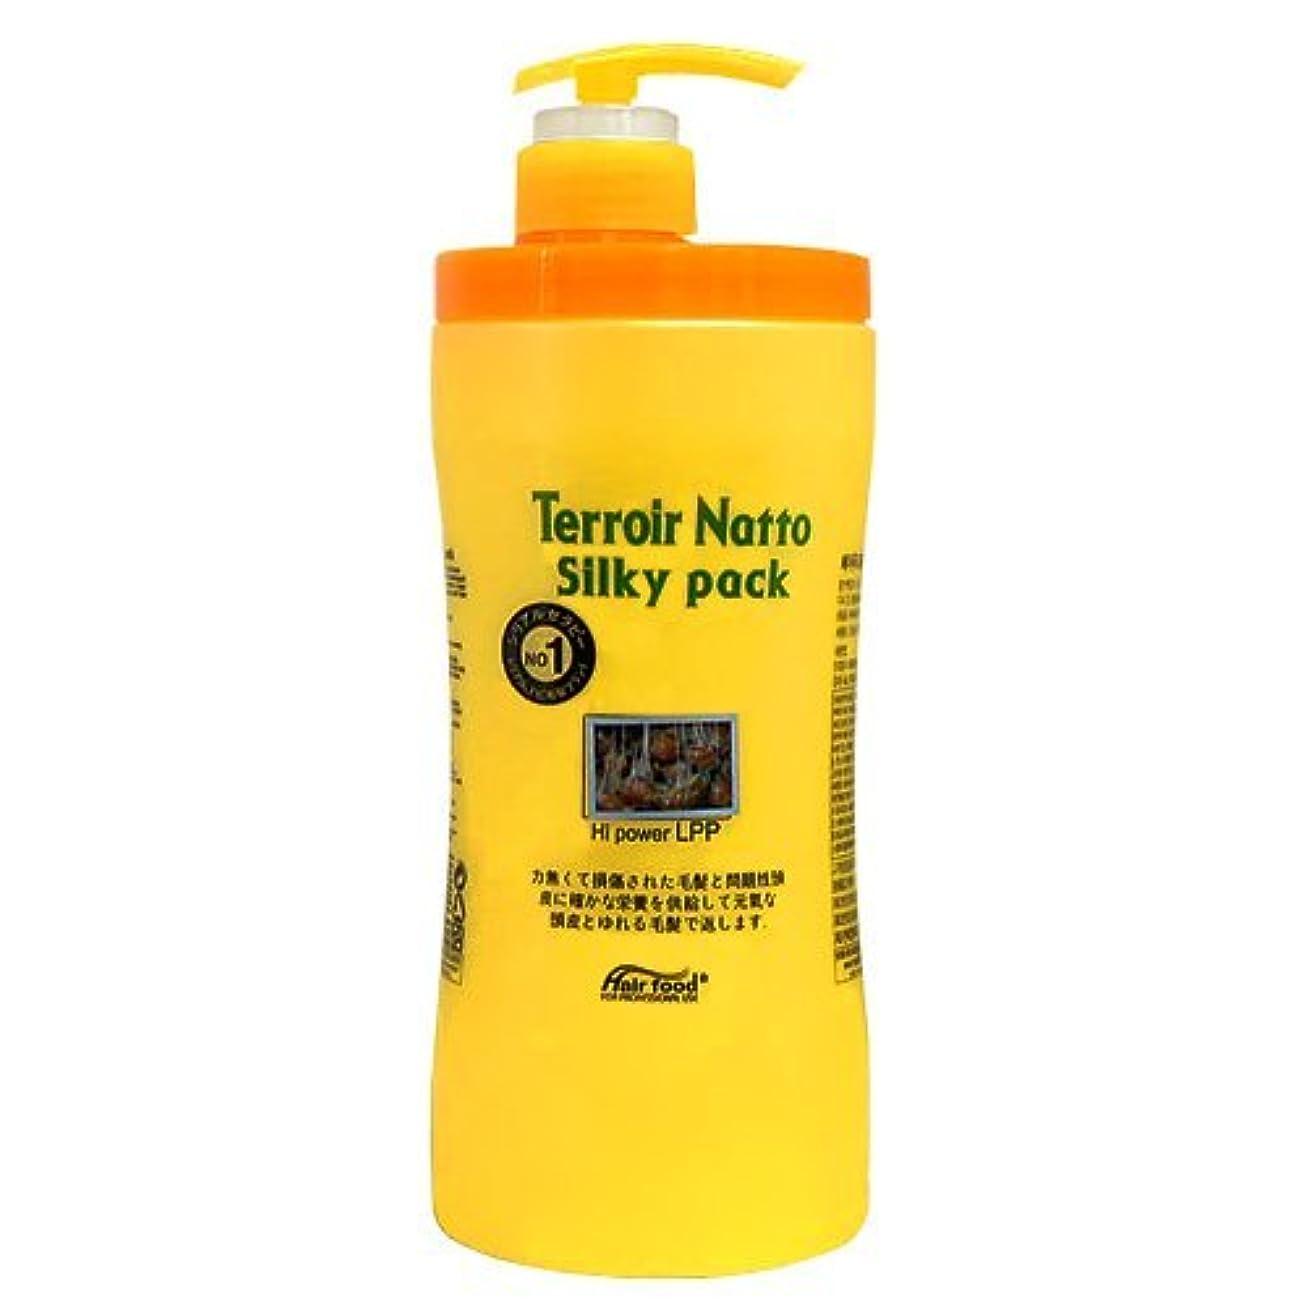 おめでとう姿勢圧縮されたテロワール 納豆 シルキー パック ハイ パワー LPP 1000ml ヘア パック トリートメント - ビフォー アフター ケミカル トリートメント ( Terroir Natto Silky Pack Hi Power...